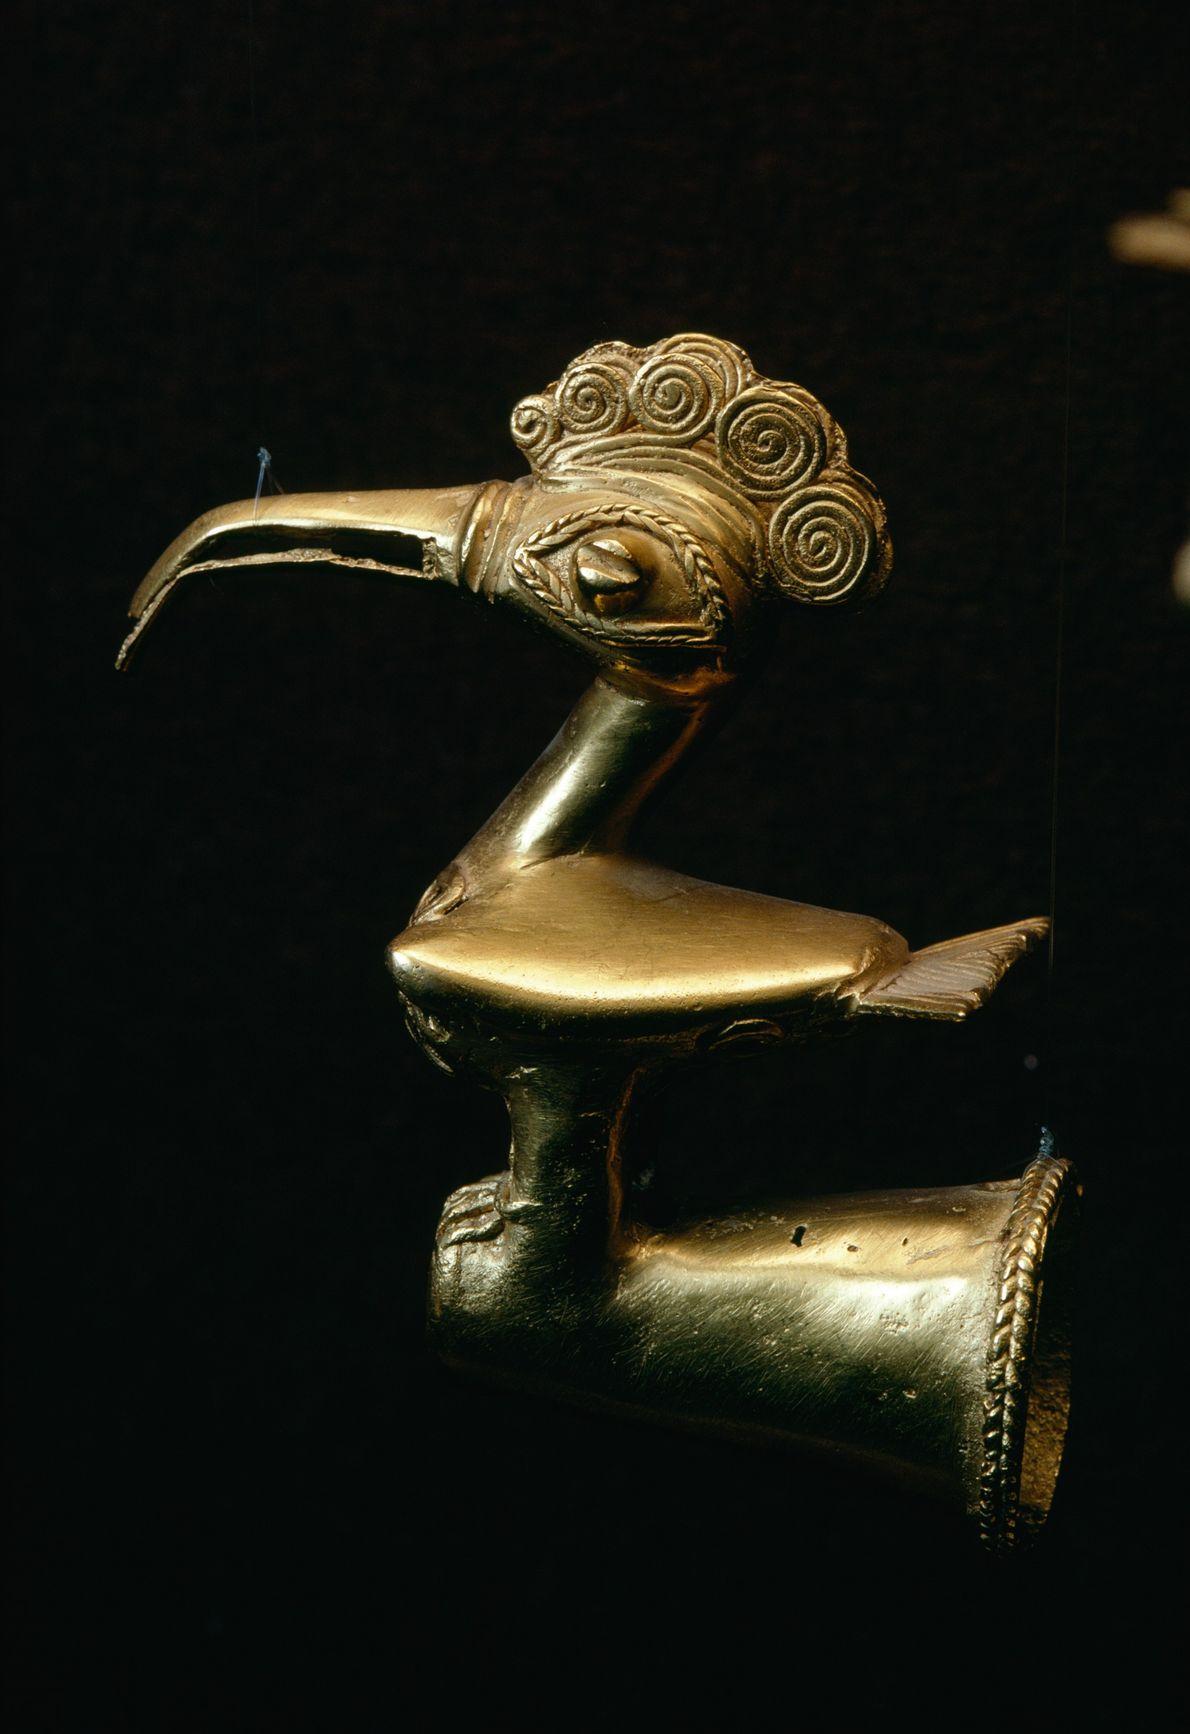 Ce sont certainement des Zenús, civilisation précolombienne, qui ont fabriqué cet oiseau en or à placer ...